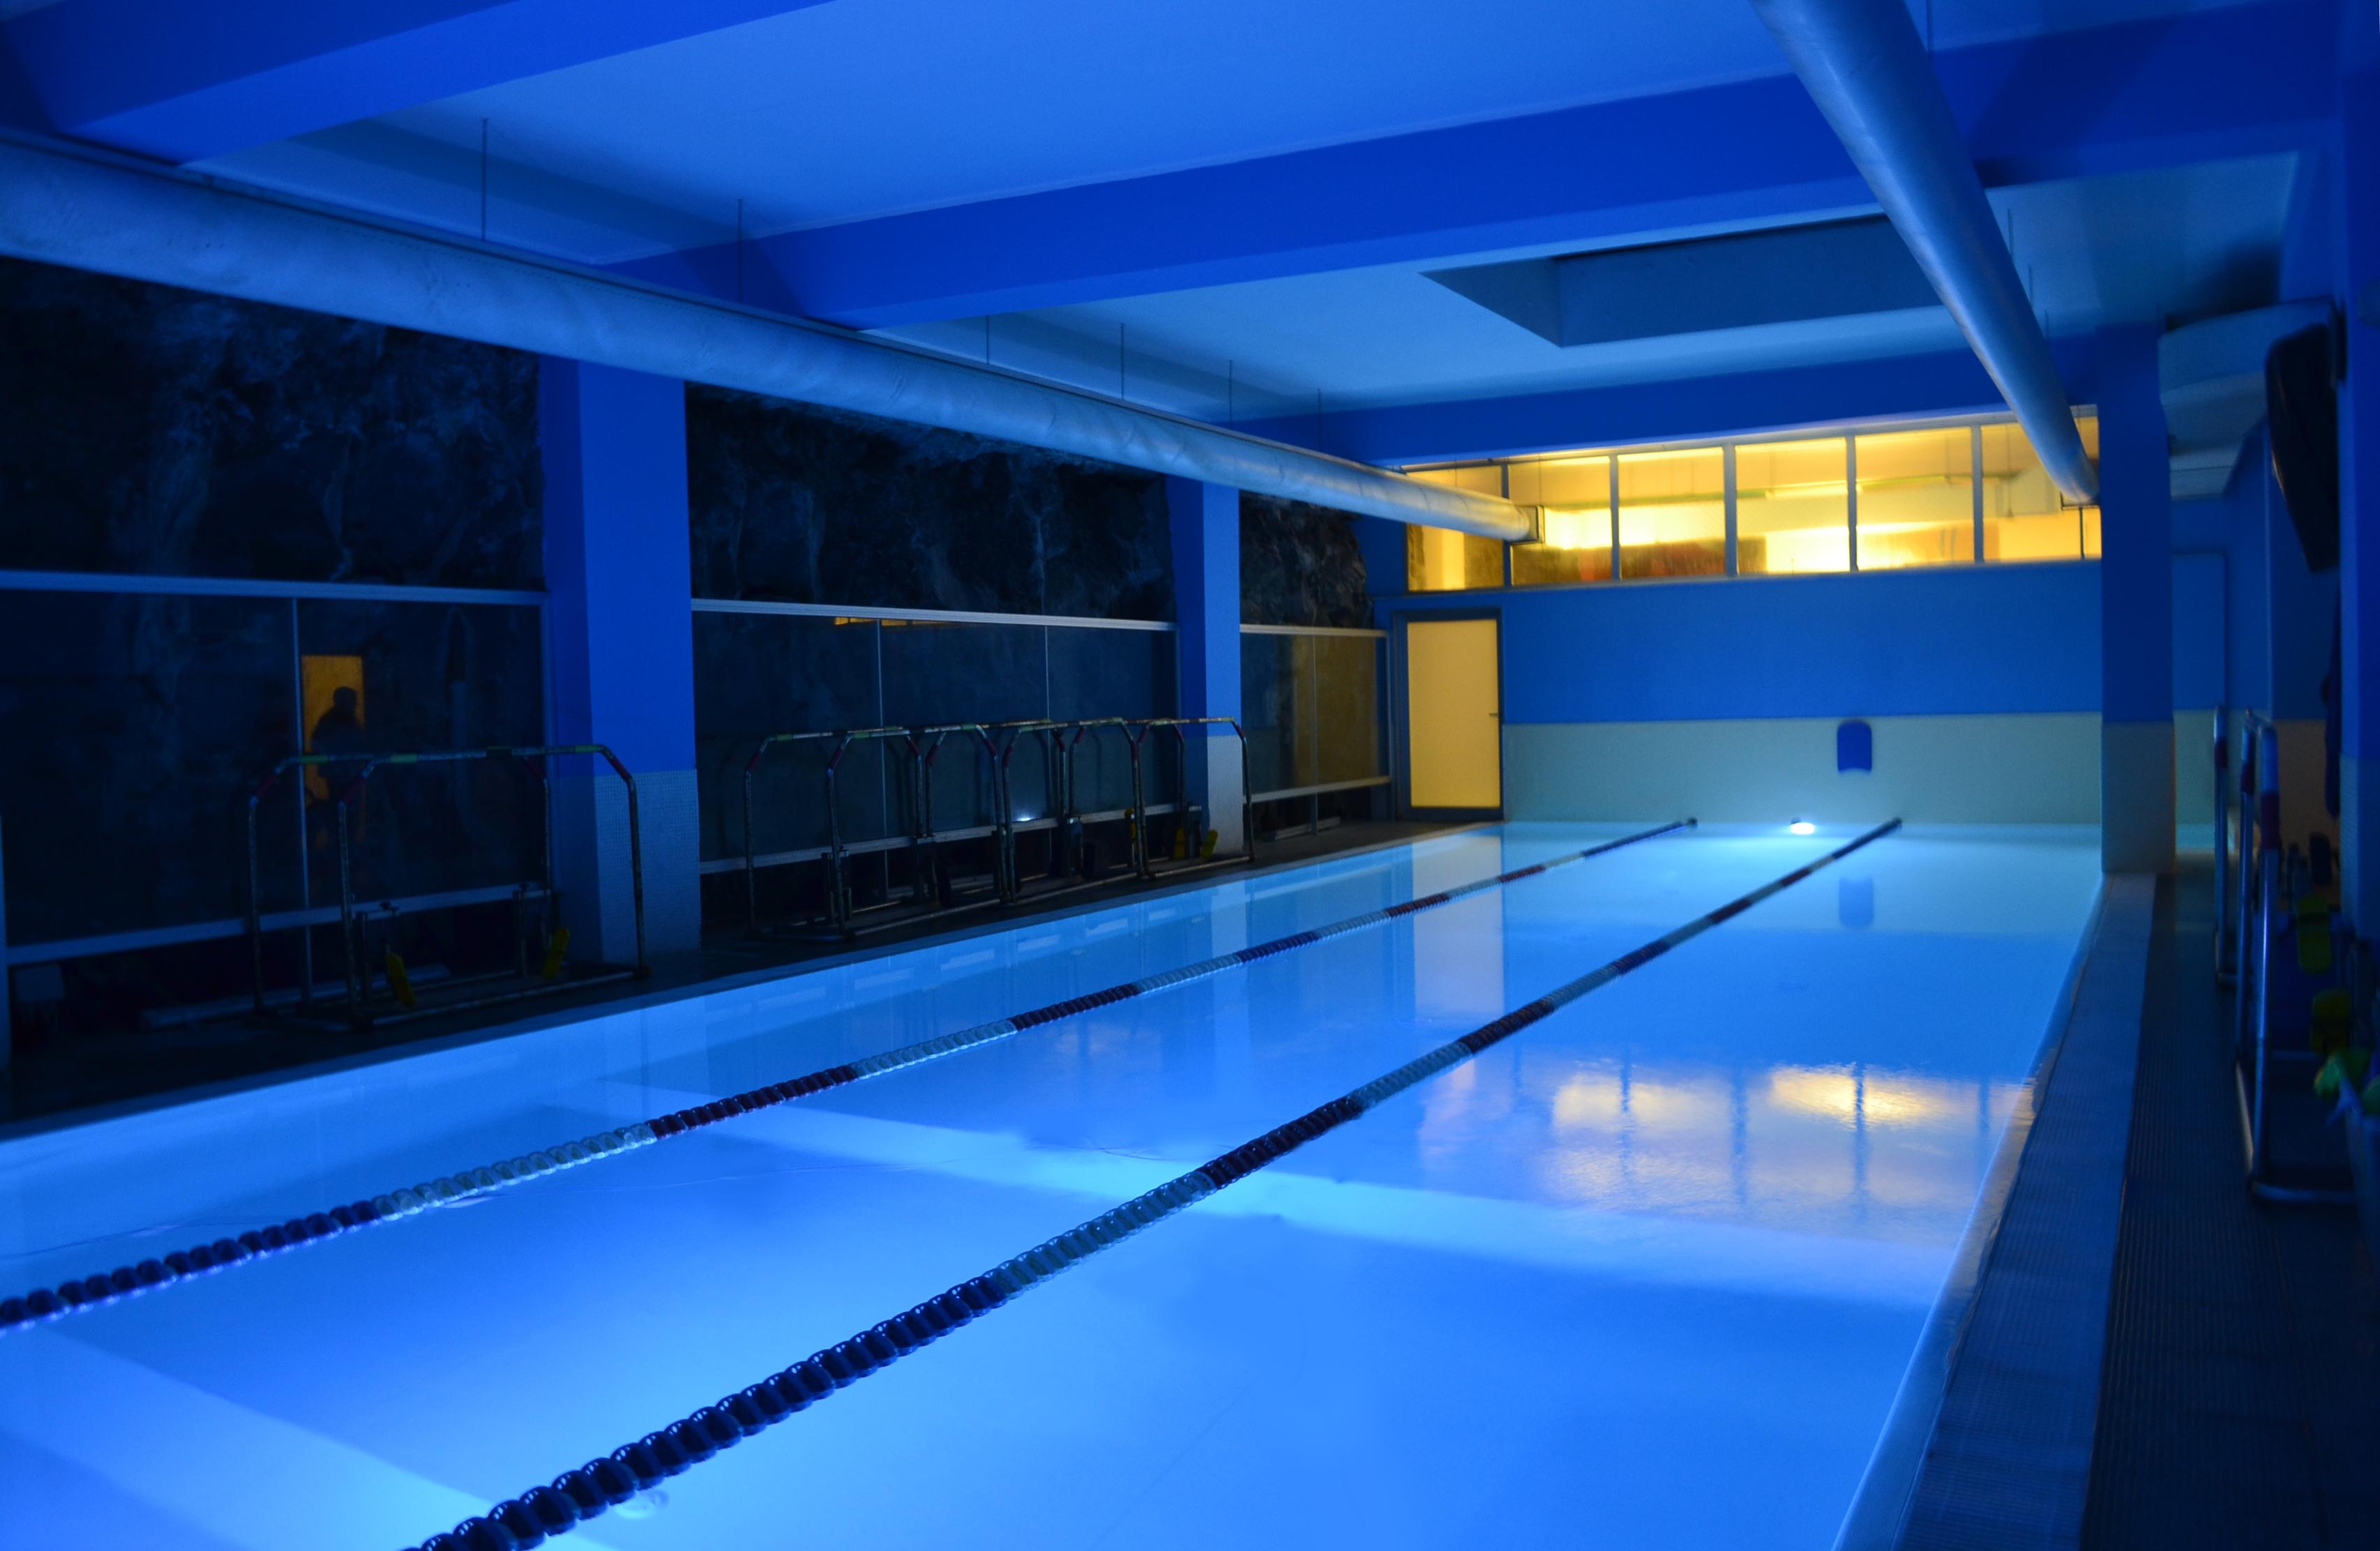 Centro benessere acquaplanet centro benessere acquaplanet - Palestra con piscina ...